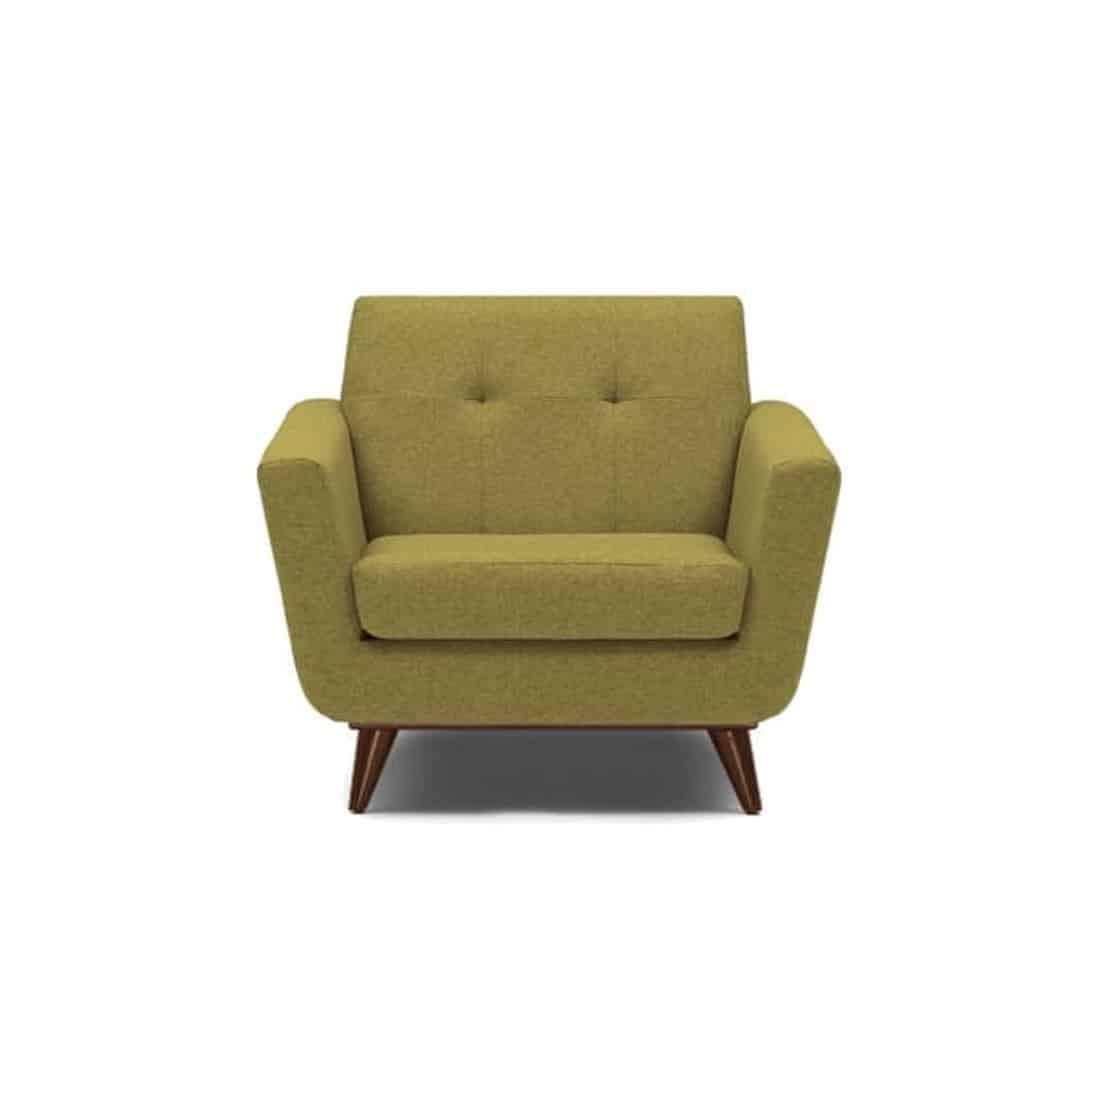 Joybird Hughes Chair